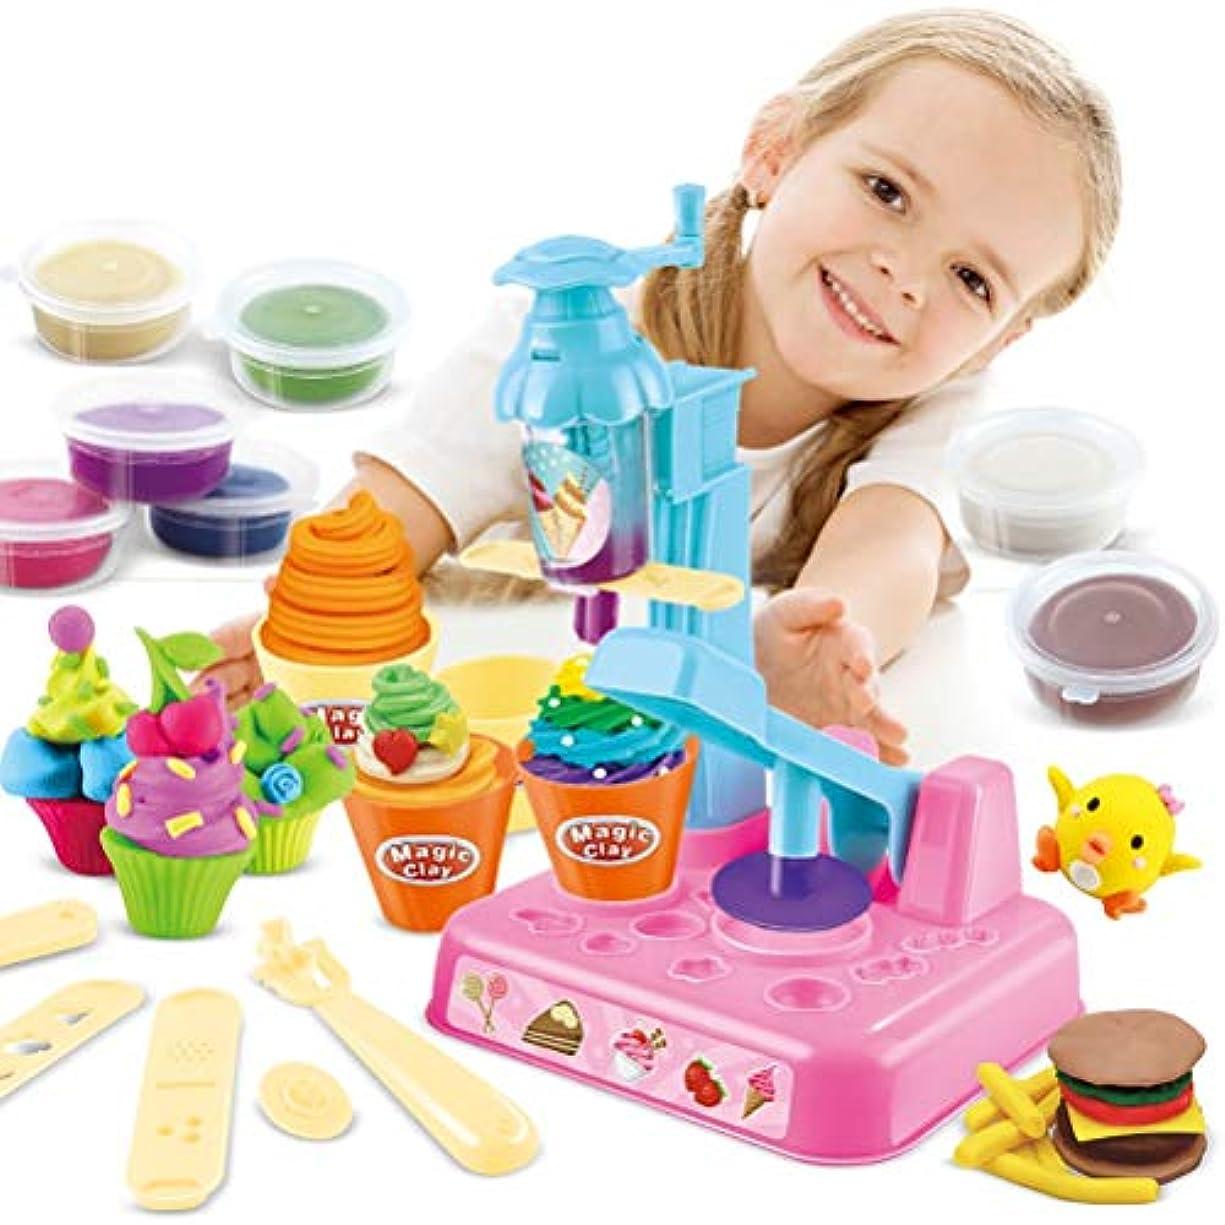 簡略化する体系的に誇張するYRE 子供用プラスター型セット アイスクリームセット アイスクリームヌードル マシーン 粘土 おもちゃ DIY 色付き 泥 男の子 女の子 おもちゃ